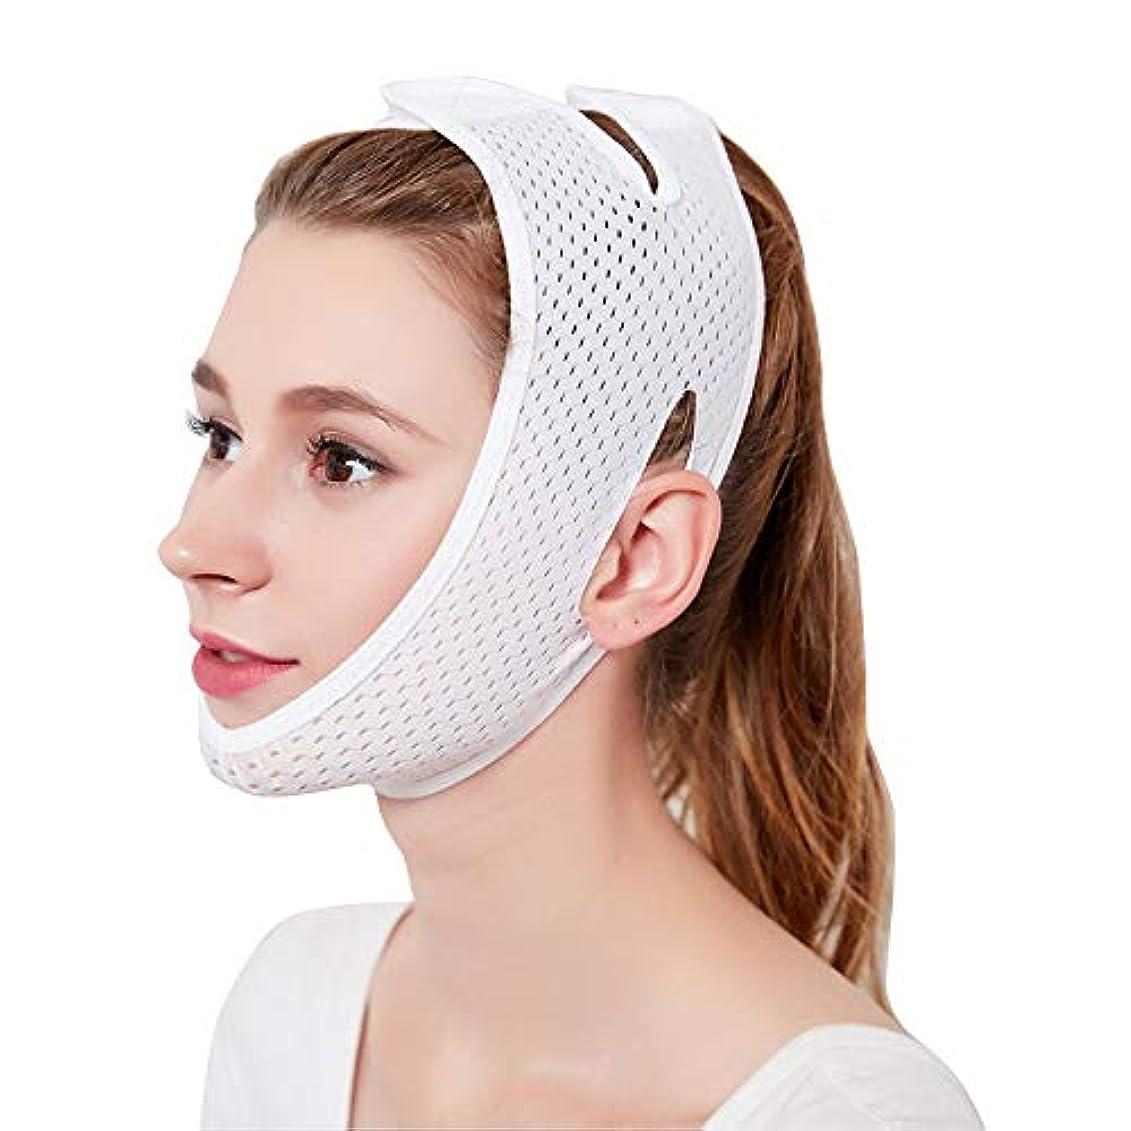 プロテスタント風邪をひくしてはいけません薄い顔ベルト、通気性の顔シンフェイスマスク小V顔フェイシャルファーミングリフティング咬筋二重あごフェイスリフトアーティファクトスリープ包帯 (Color : A)